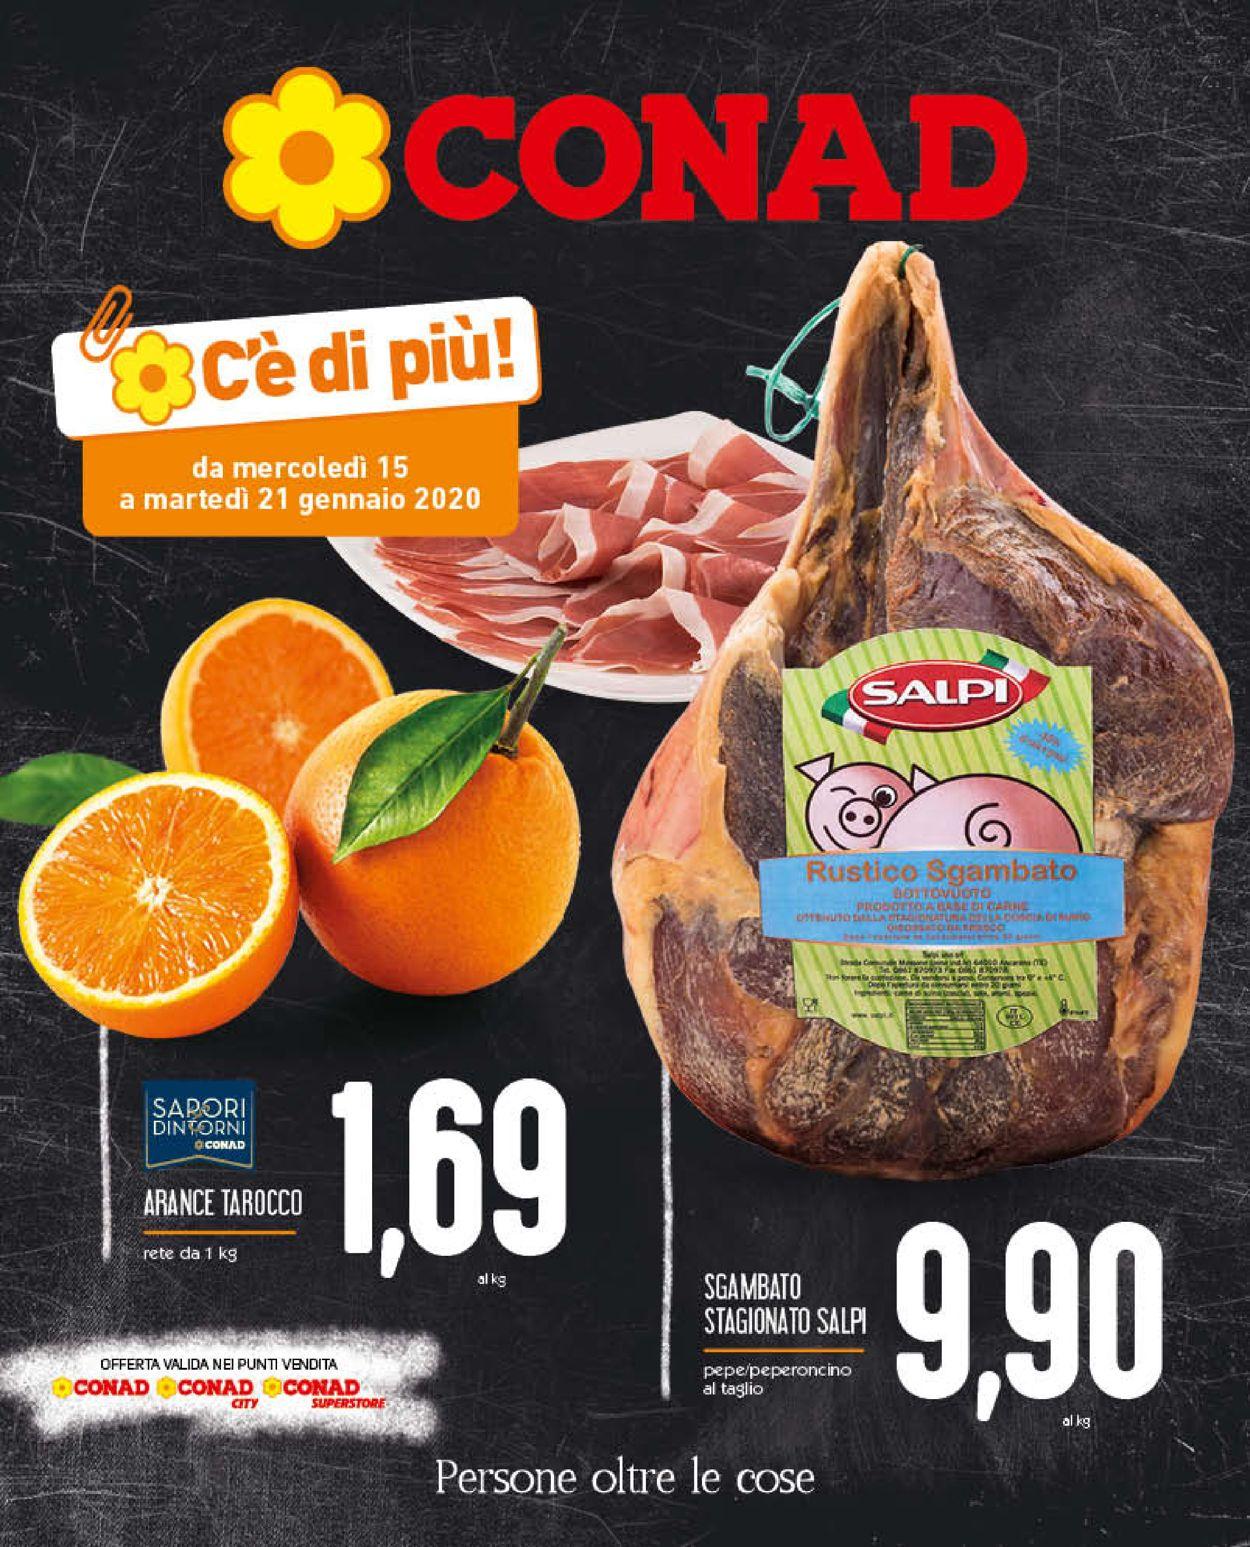 Volantino Conad - Offerte 15/01-21/01/2020